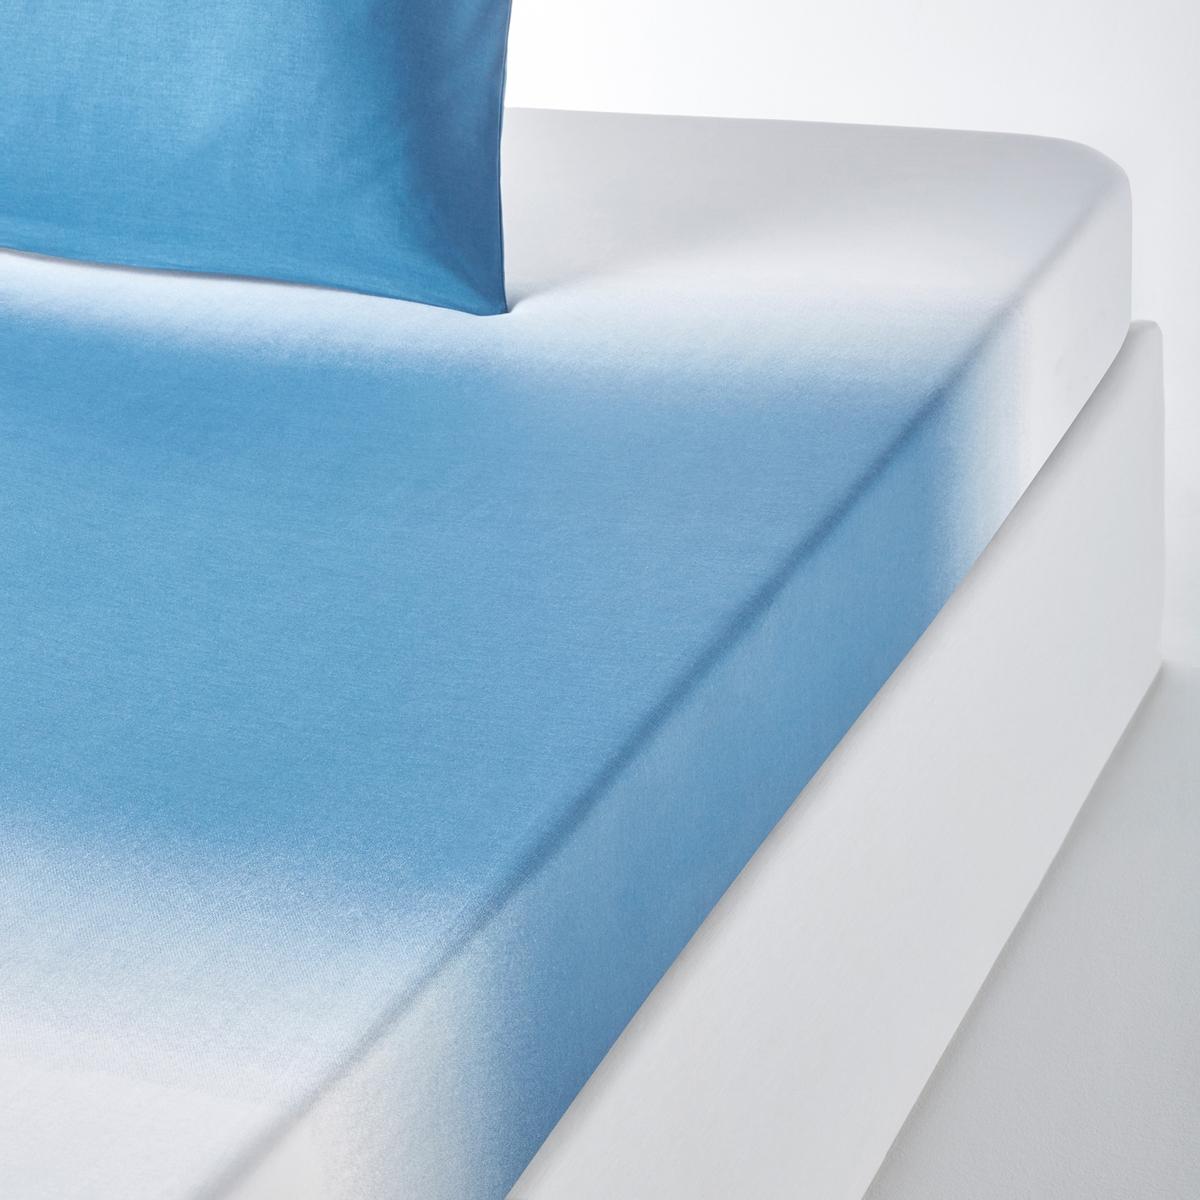 Простыня натяжная  OMBRE 57 нитей/cм?Простыня OMBRE : переход от голубого к белому.Характеристики простыни OMBRE :100% хлопок (57 нитей/см?) : чем больше нитей/см?, тем выше качество материала.Простыня с горизонтальным переходом от голубого к беломуВесь комплект белья OMBRE можно найти на laredoute.ruЛегкость ухода :Машинная стирка при 60 °СЛегкая глажка.Знак Oeko-Tex® гарантирует отсутствие вредных для здоровья человека веществ в протестированных и сертифицированных изделиях.Размеры :90 x 190 см : 1-сп.140 x 190 см : 2-сп.160 x 200 см : 2-сп.180 x 200 см : 2-сп.<br><br>Цвет: синий<br>Размер: 160 x 200  см